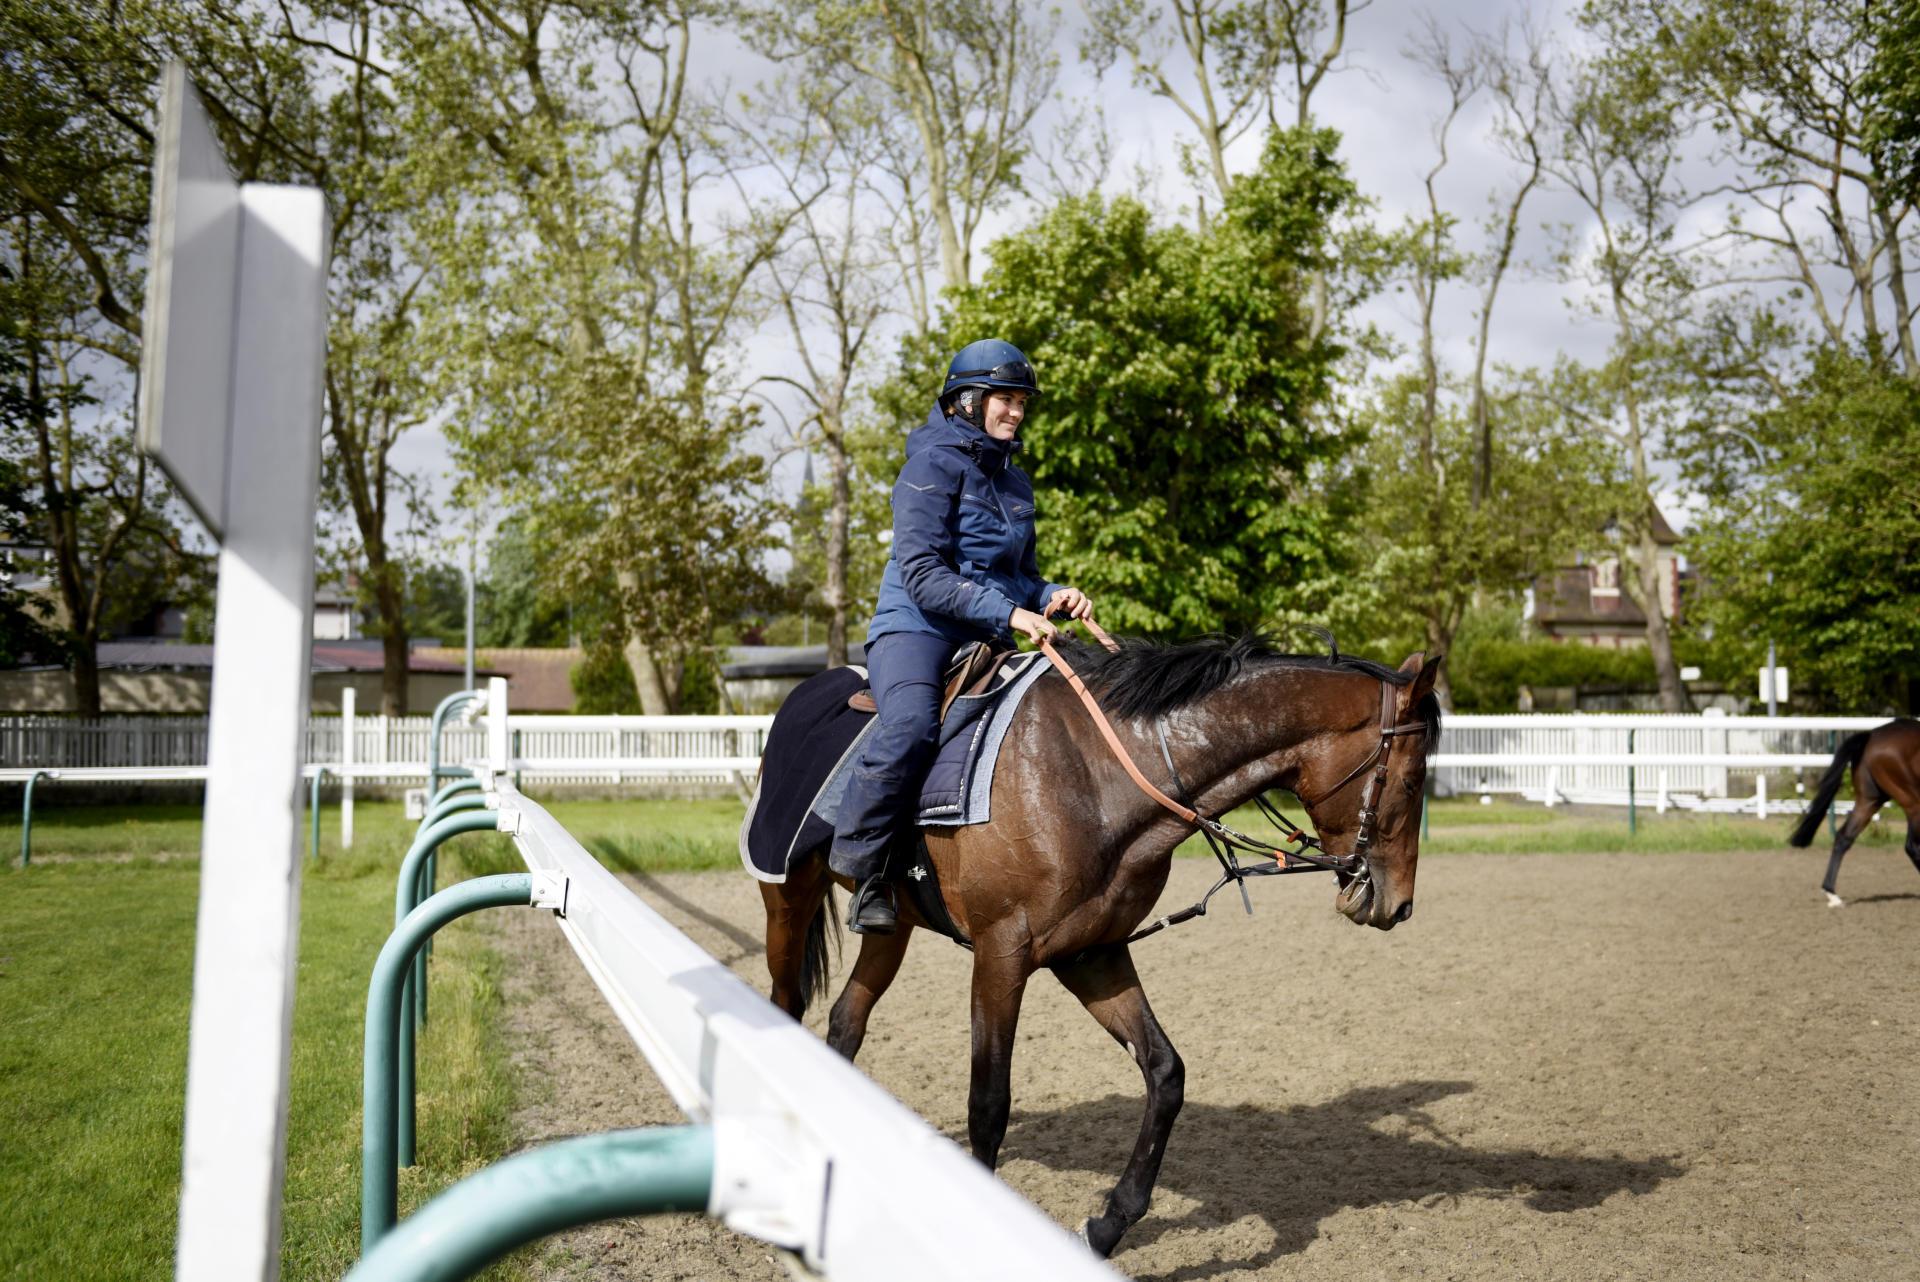 A l'hippodrome de Deauville (Calvados), on constate un peu d'activité avec la présence d'une cinquantaine de jockeys et leurs montures,«mais c'était déjà le cas pendant le confinement, car il fallait quand même faire courir les chevaux», précise un cavalier.